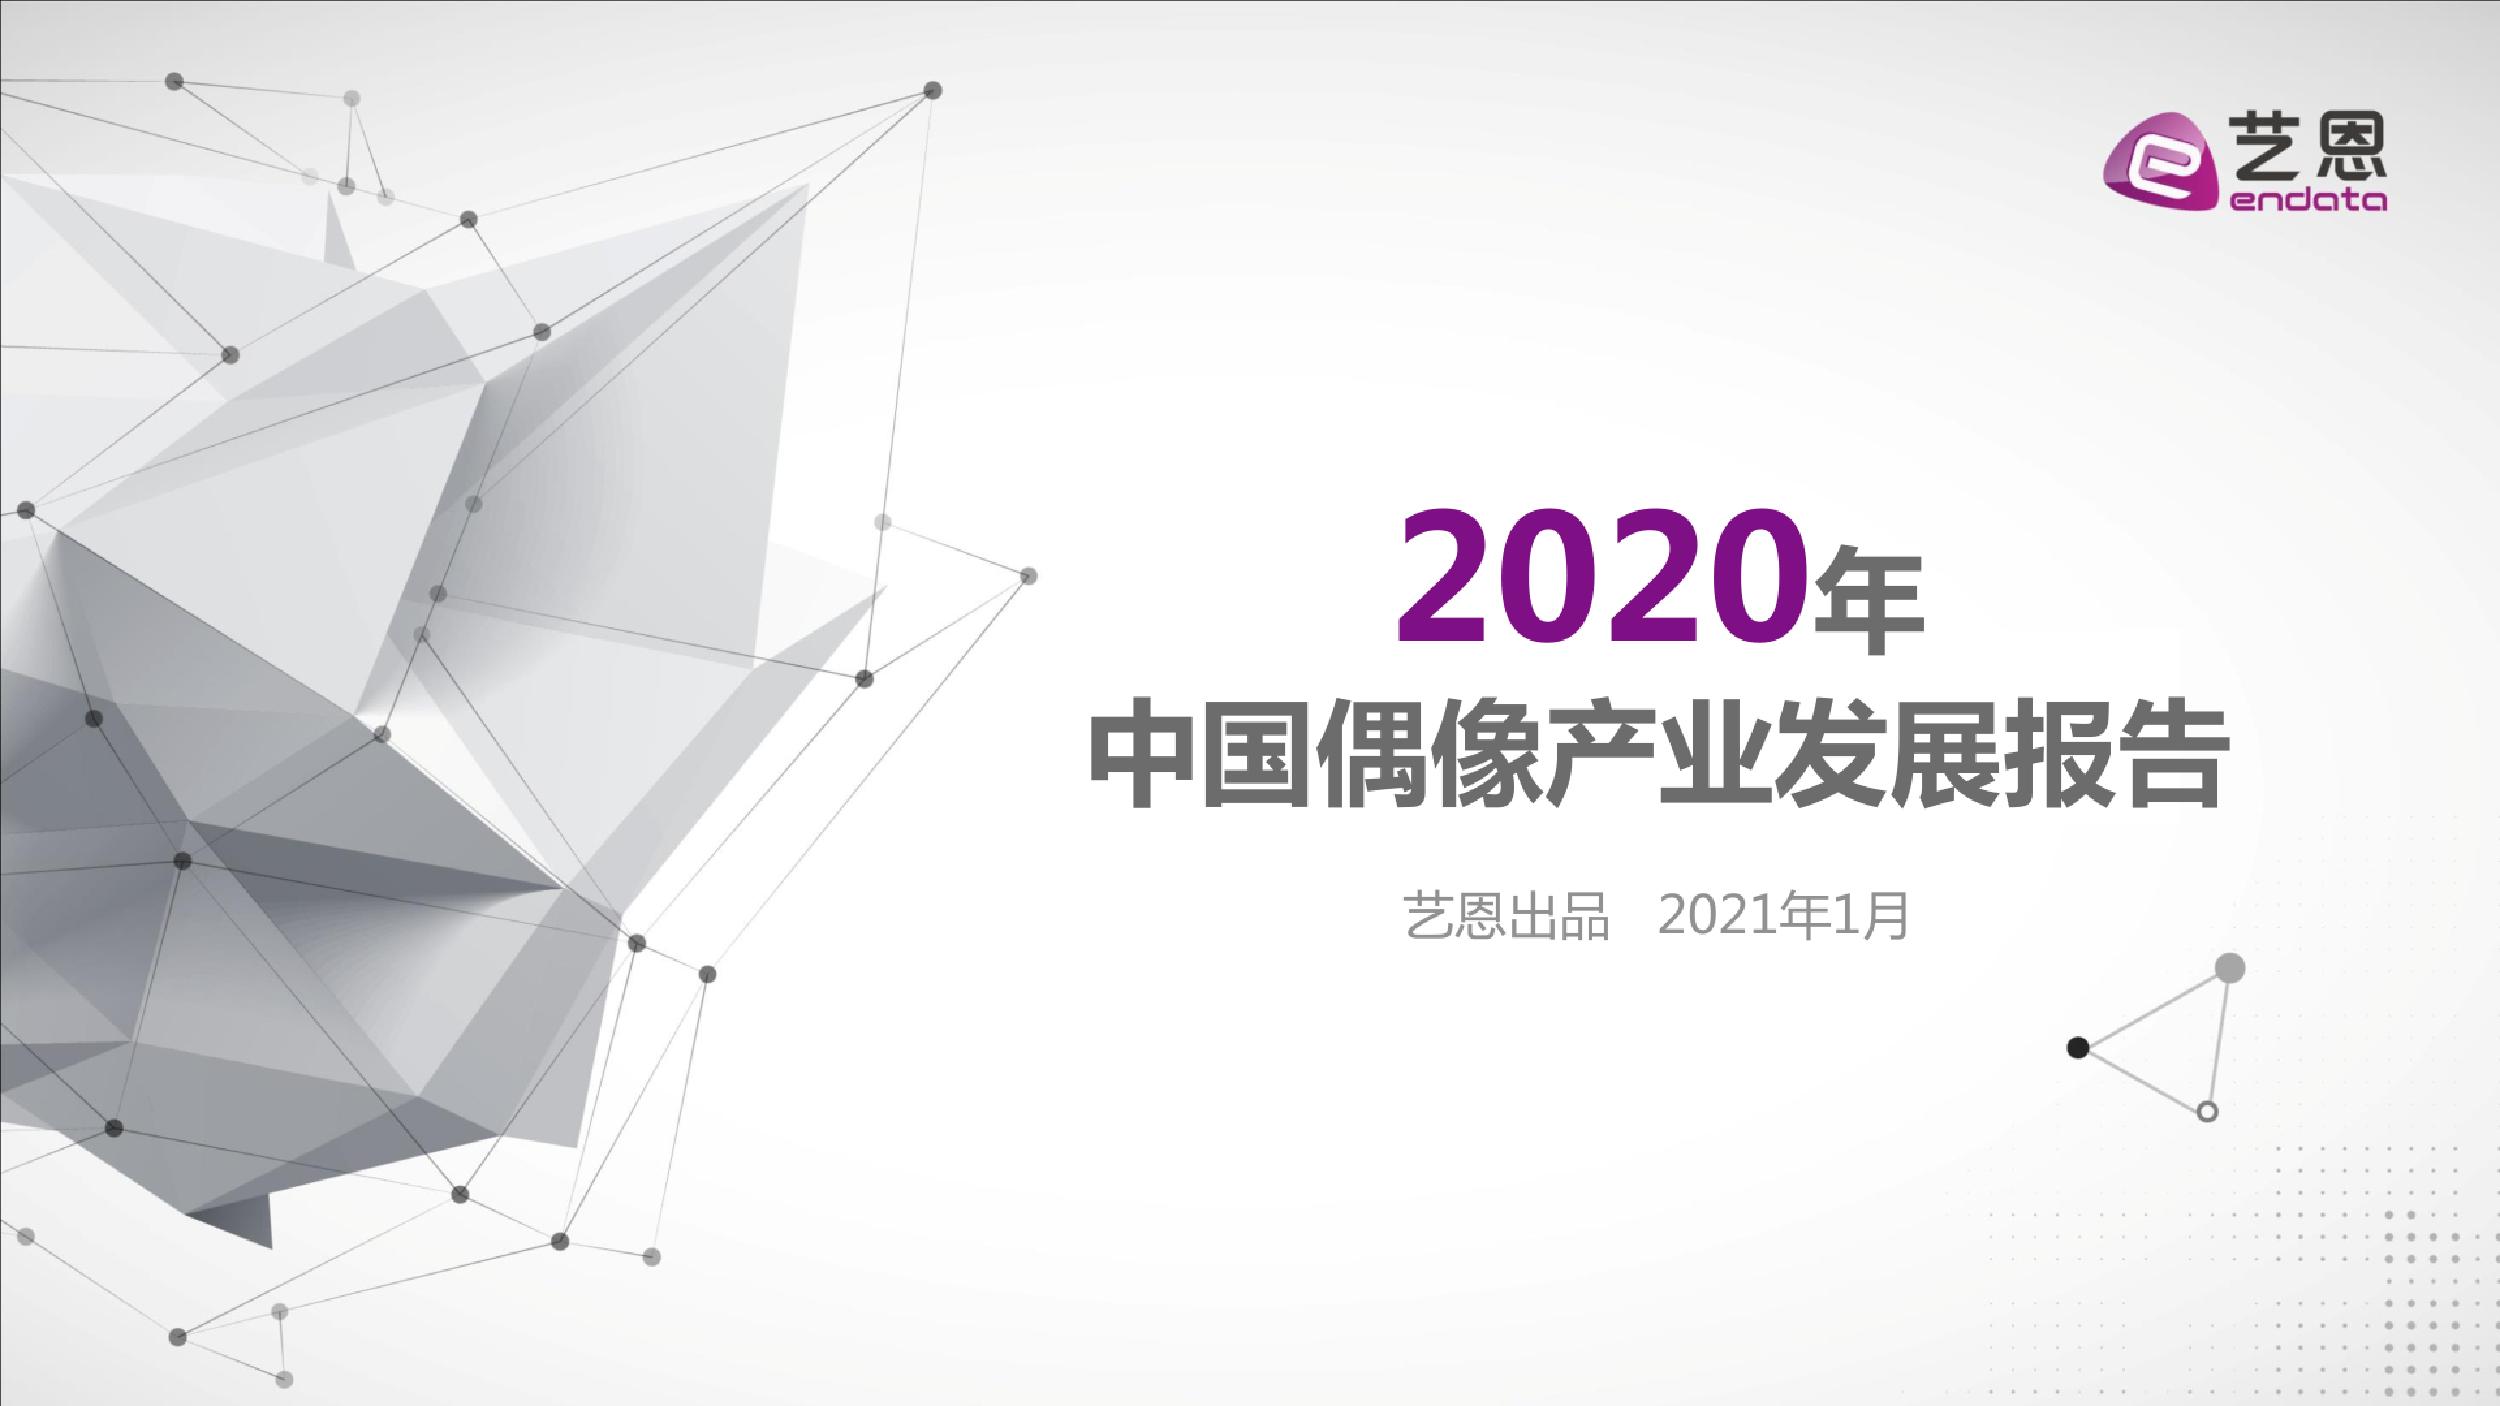 2020年中国偶像产业发展报告